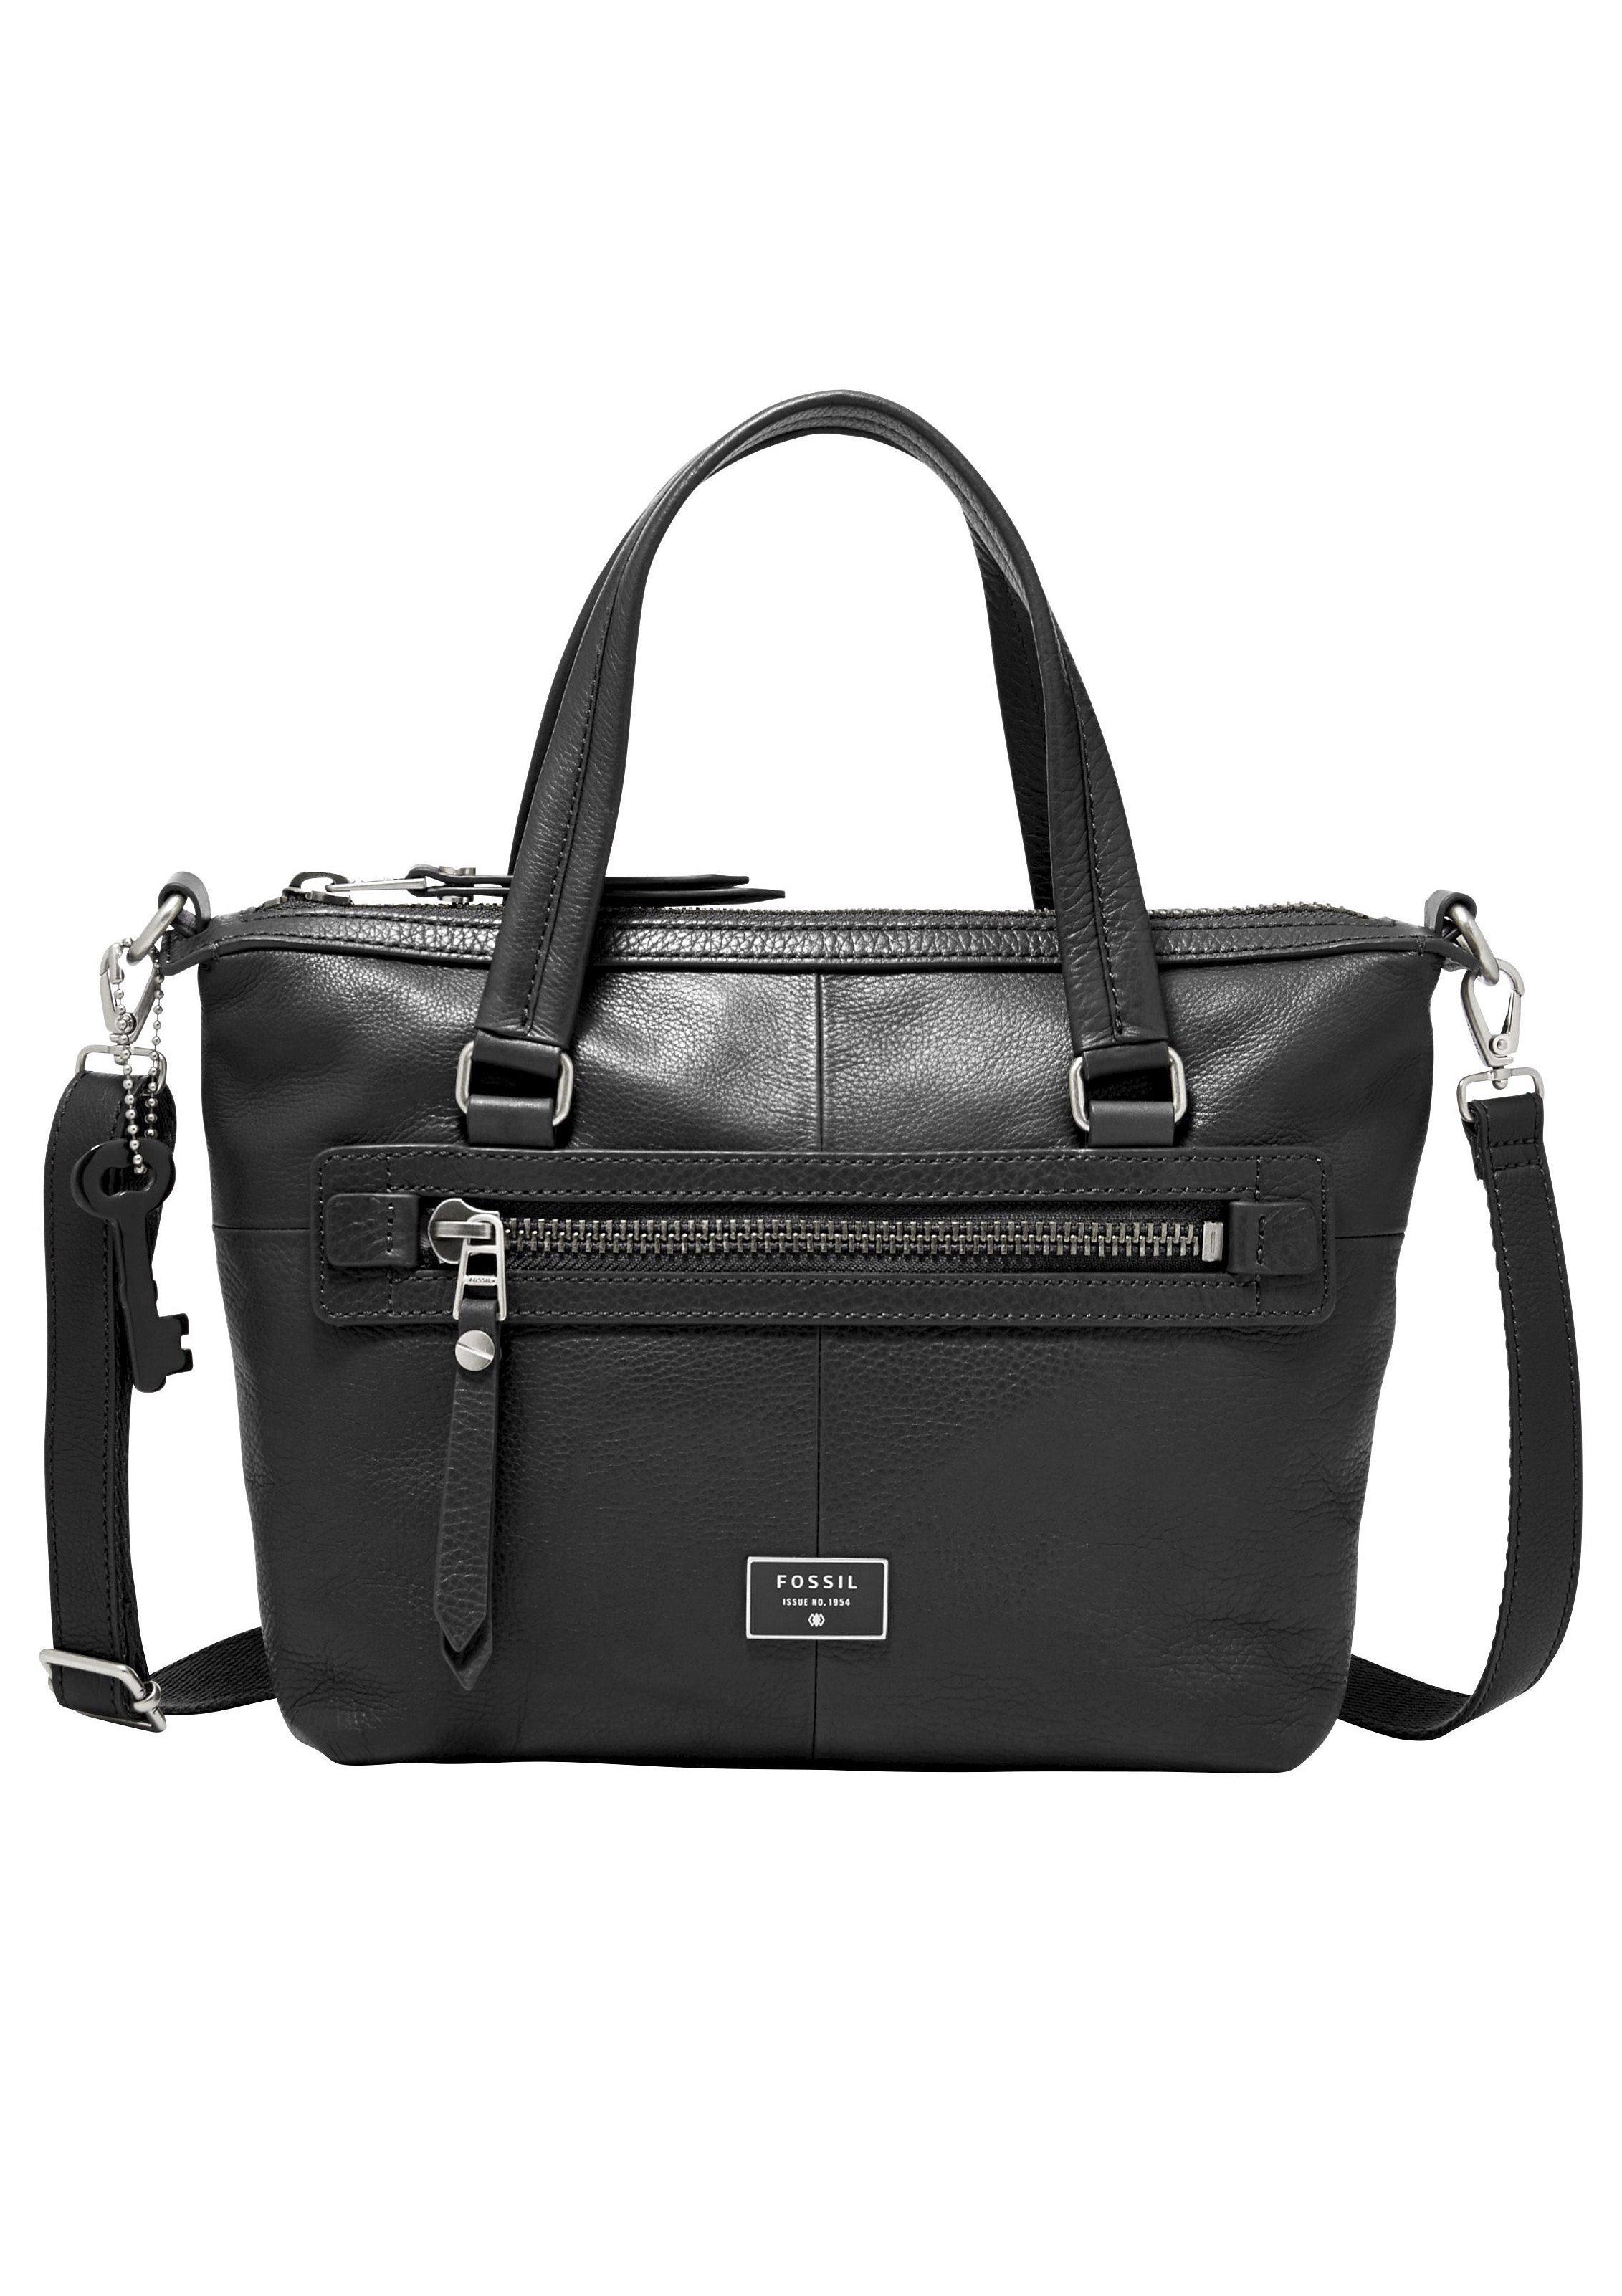 Fossil Handtasche »DAWSON SATCHEL« aus Leder